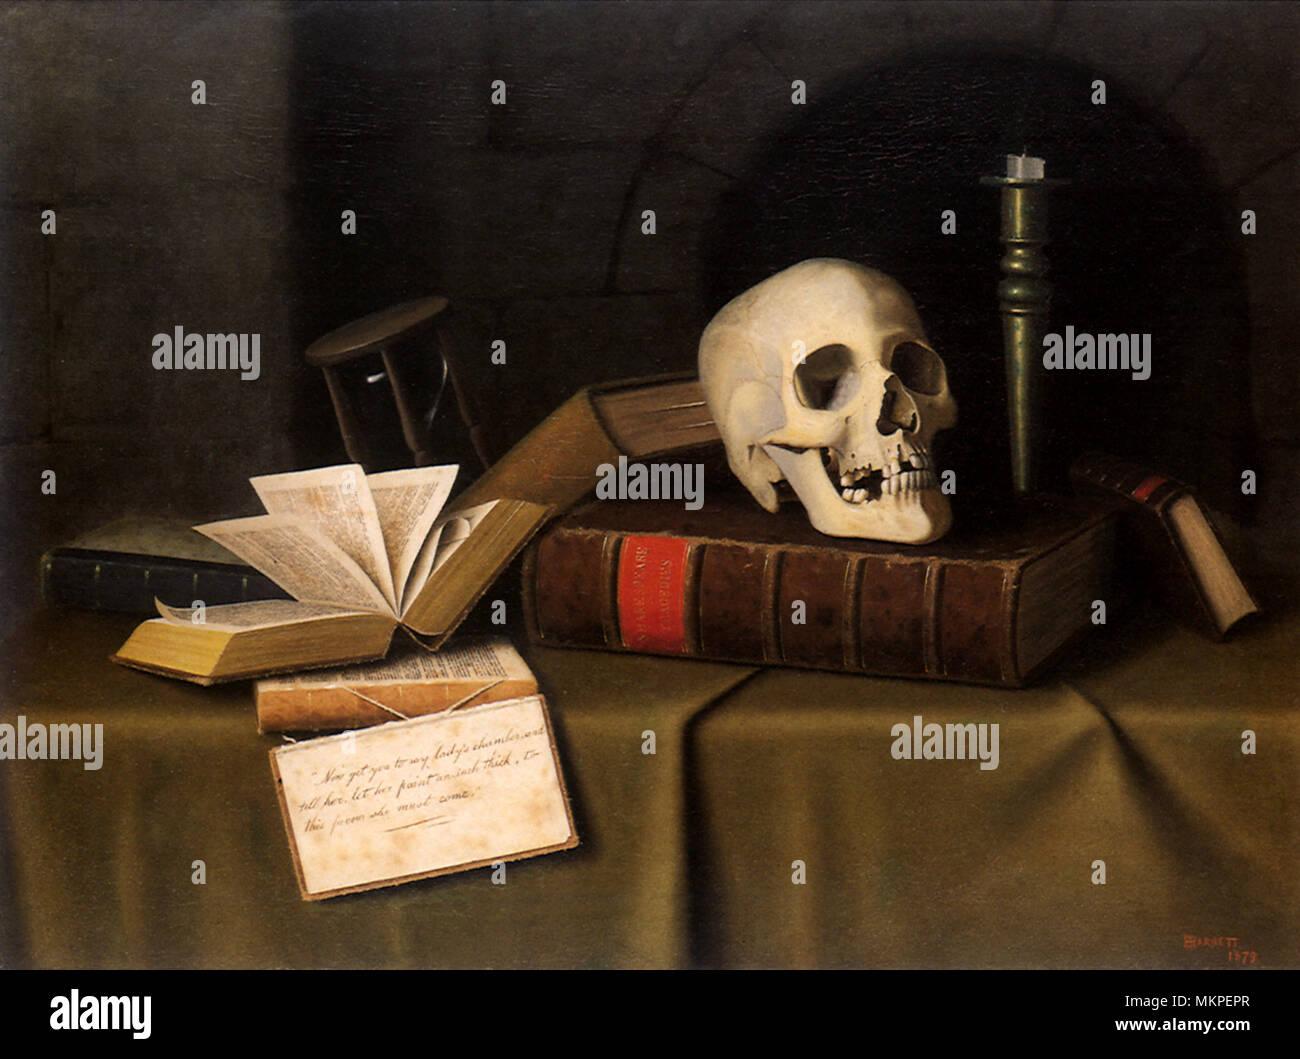 Memento Mori - To This Favour - Stock Image